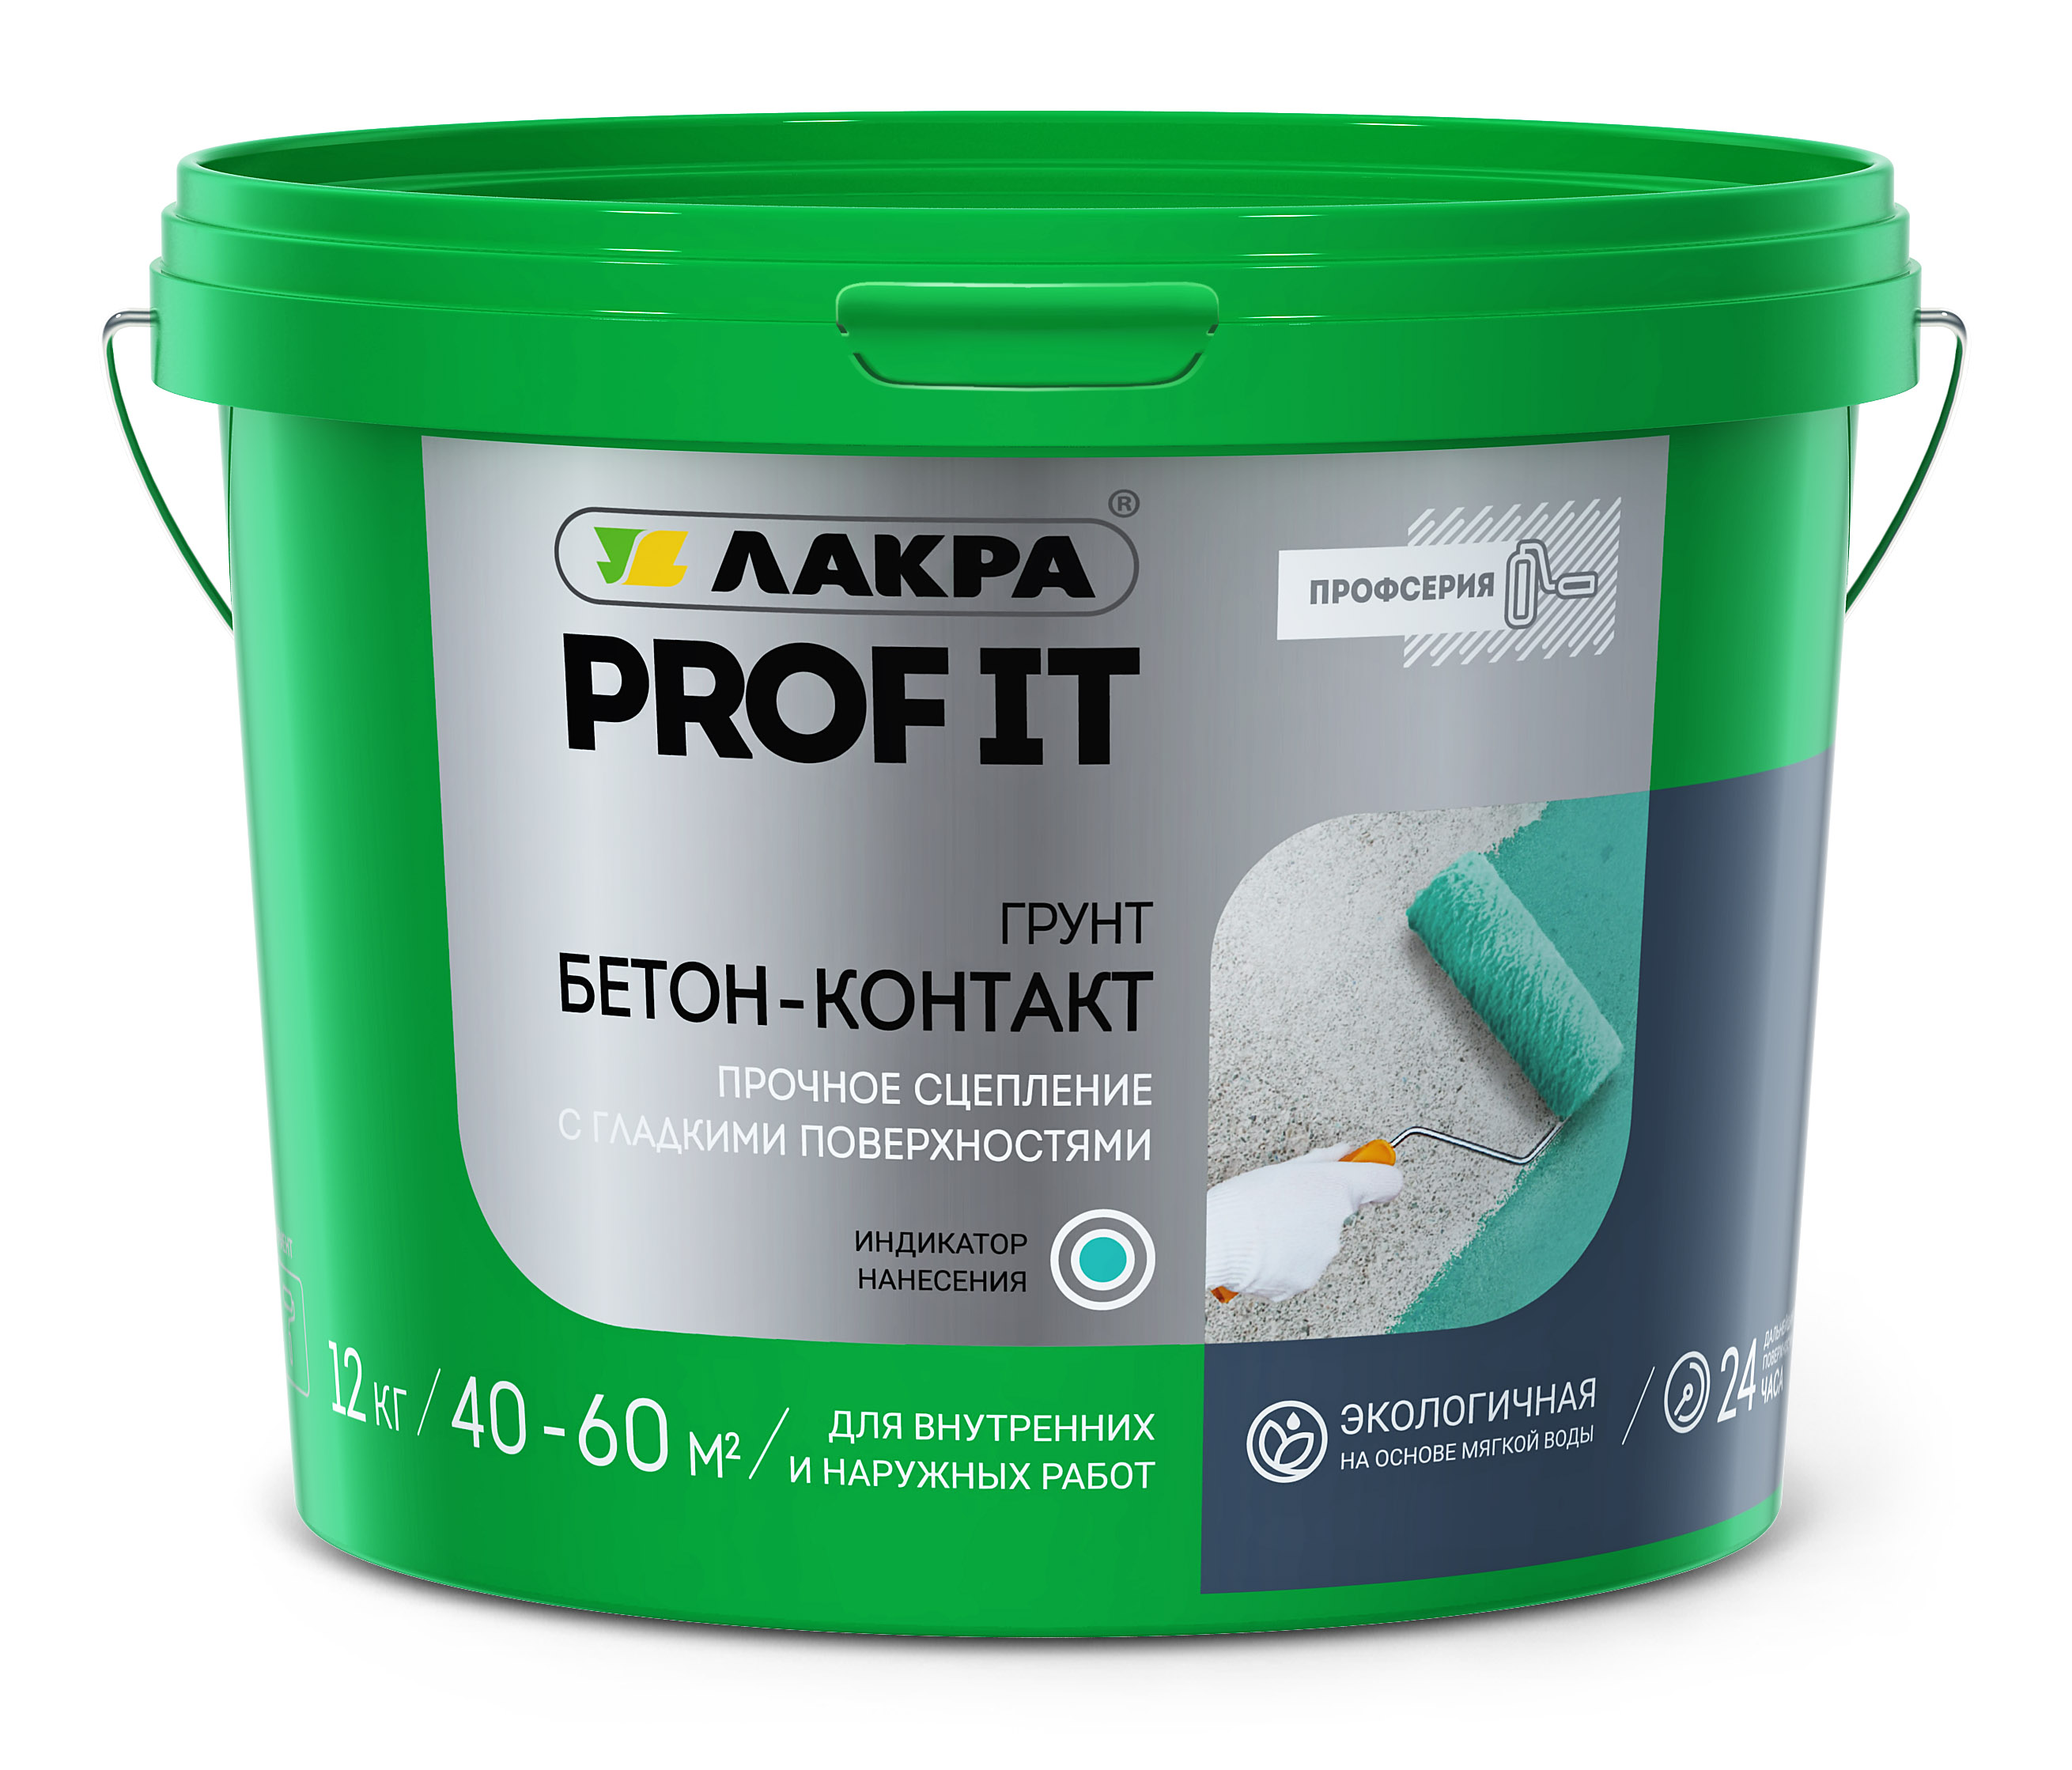 бетон контакт купить в казани